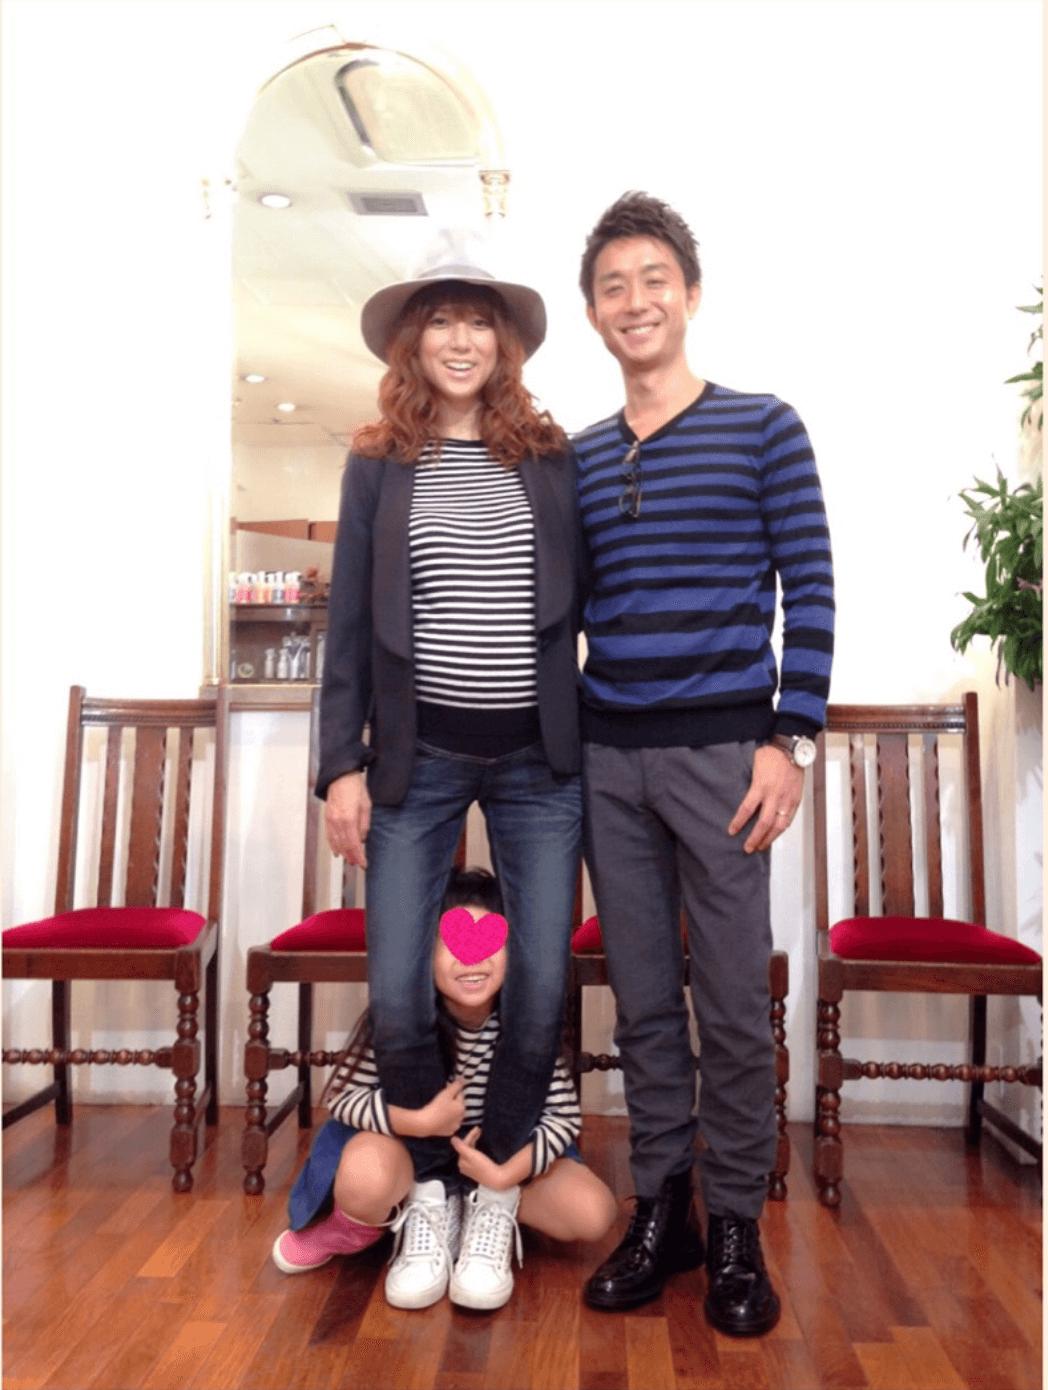 hitomiが長男妊娠中に撮影した、夫と長女との笑顔な3SHOT公開「今日から結婚7年目に…」サムネイル画像